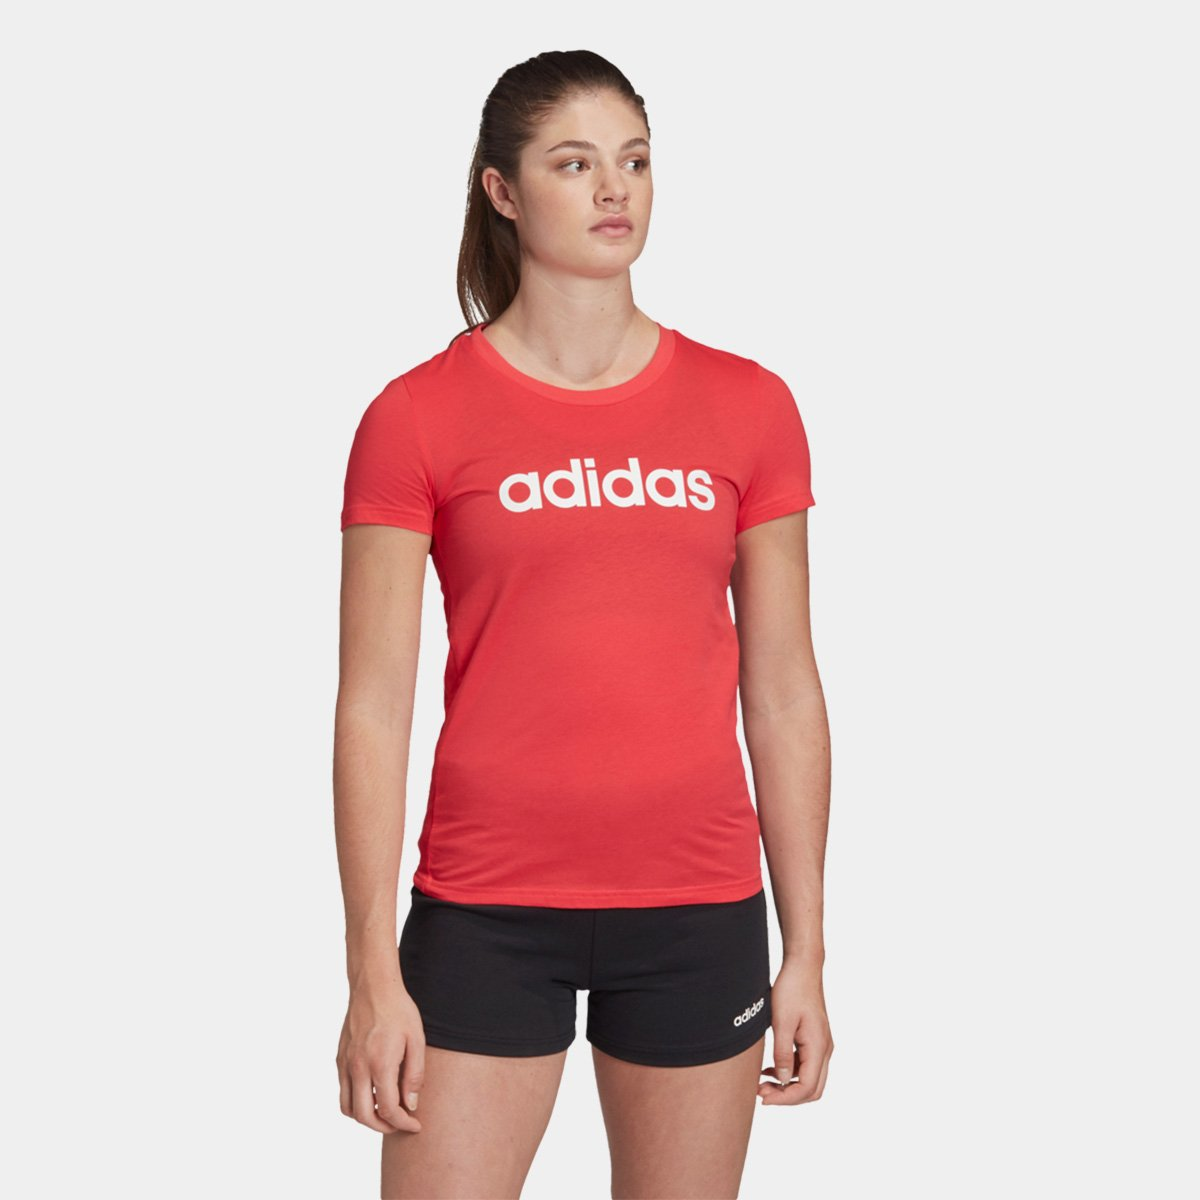 Camiseta Adidas Essentials Linear Slim Feminina